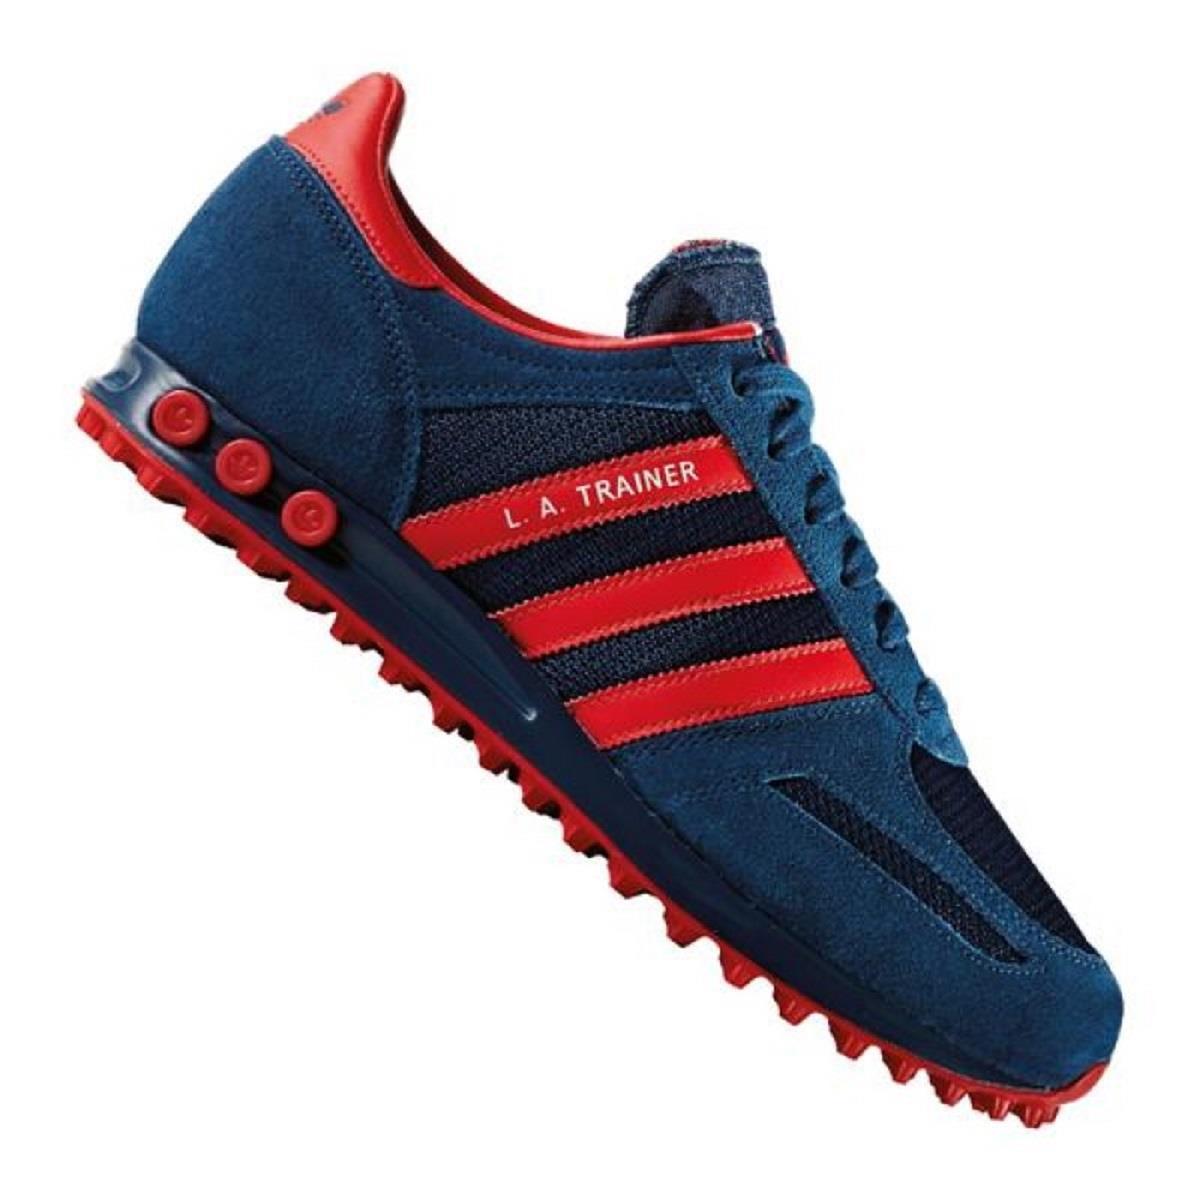 Sconti La Scarpe Trainer Off55 Acquista Uomo Adidas H18PT ba830d7aeee